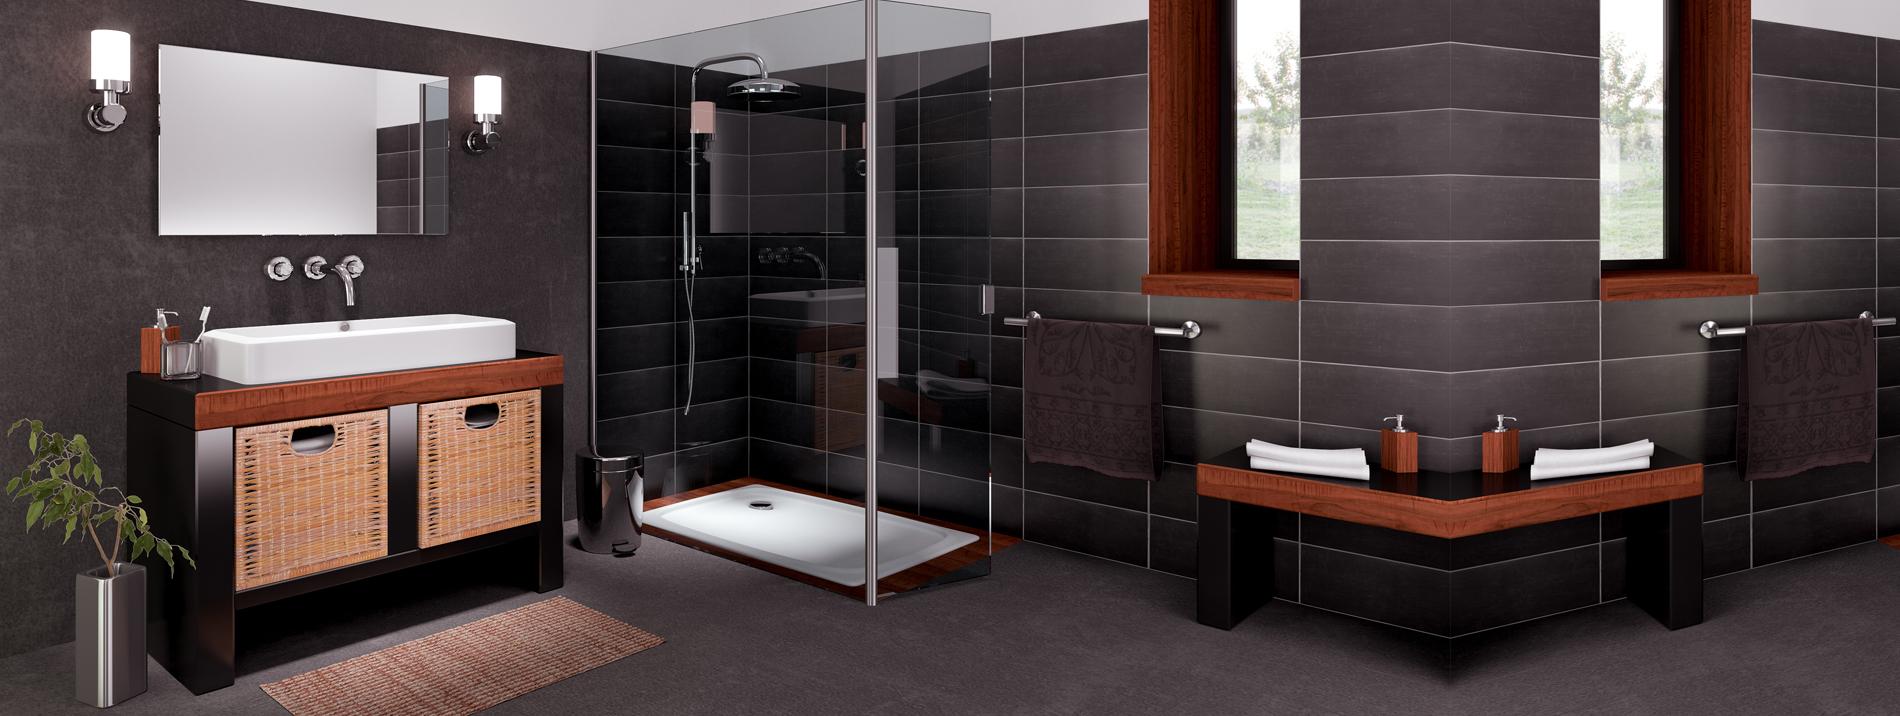 Spec Dans Salle De Bain ~ r novation de salle de bain pose de carrelage rev tement b ton